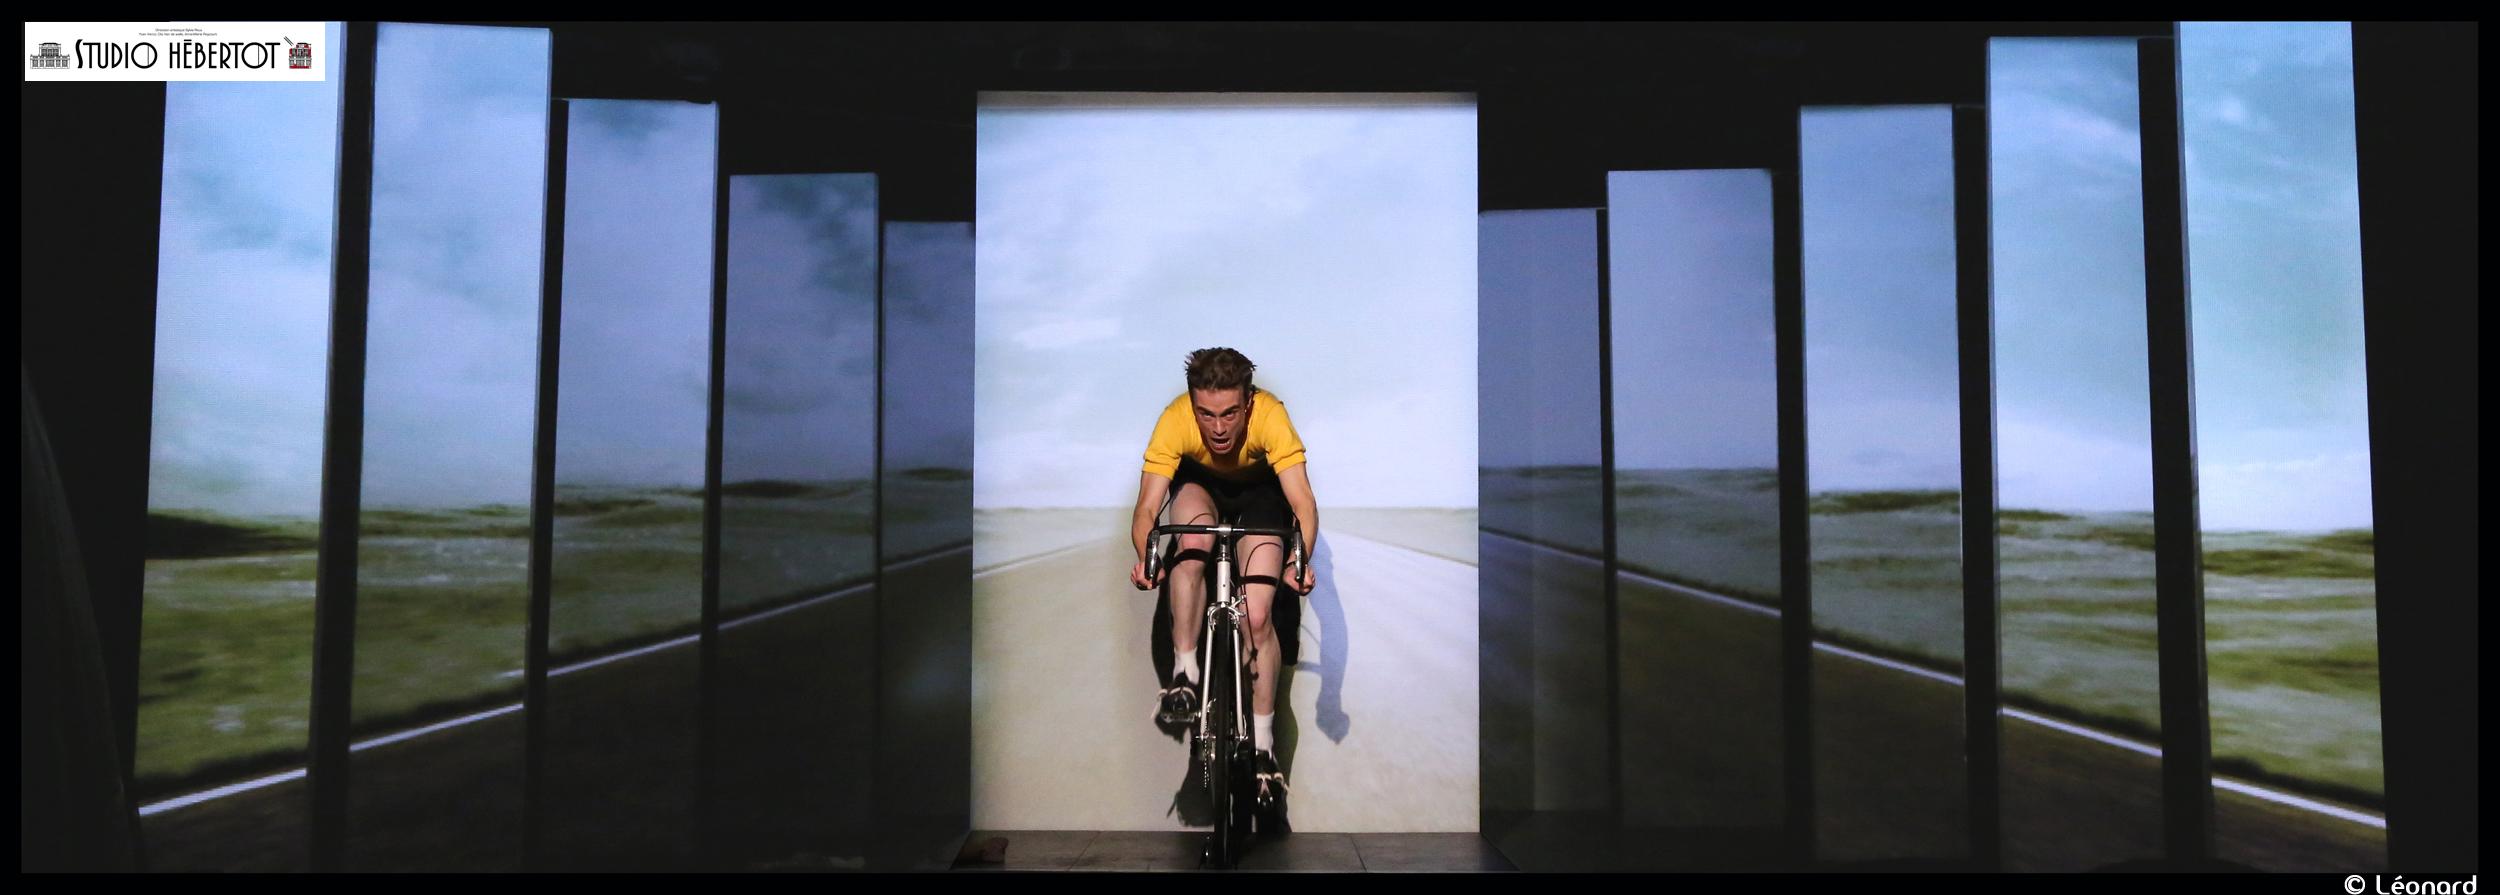 Anquetil tout seul mise en sc ne de roland guenoun un for Miroir qui tombe tout seul